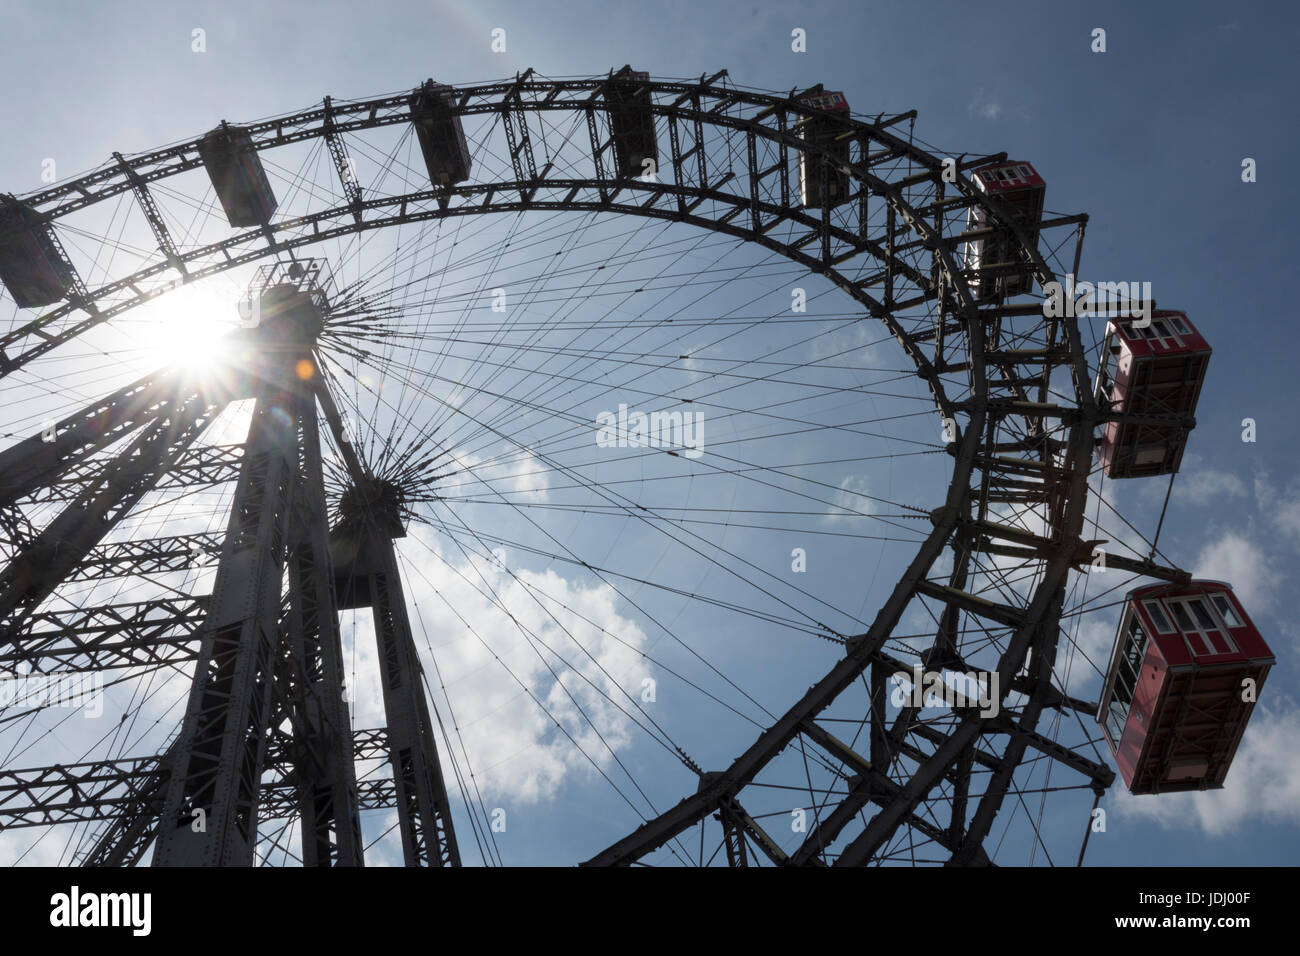 Austria. Viena. El Vienna rueda gigante en el parque de atracciones Prater Foto de stock